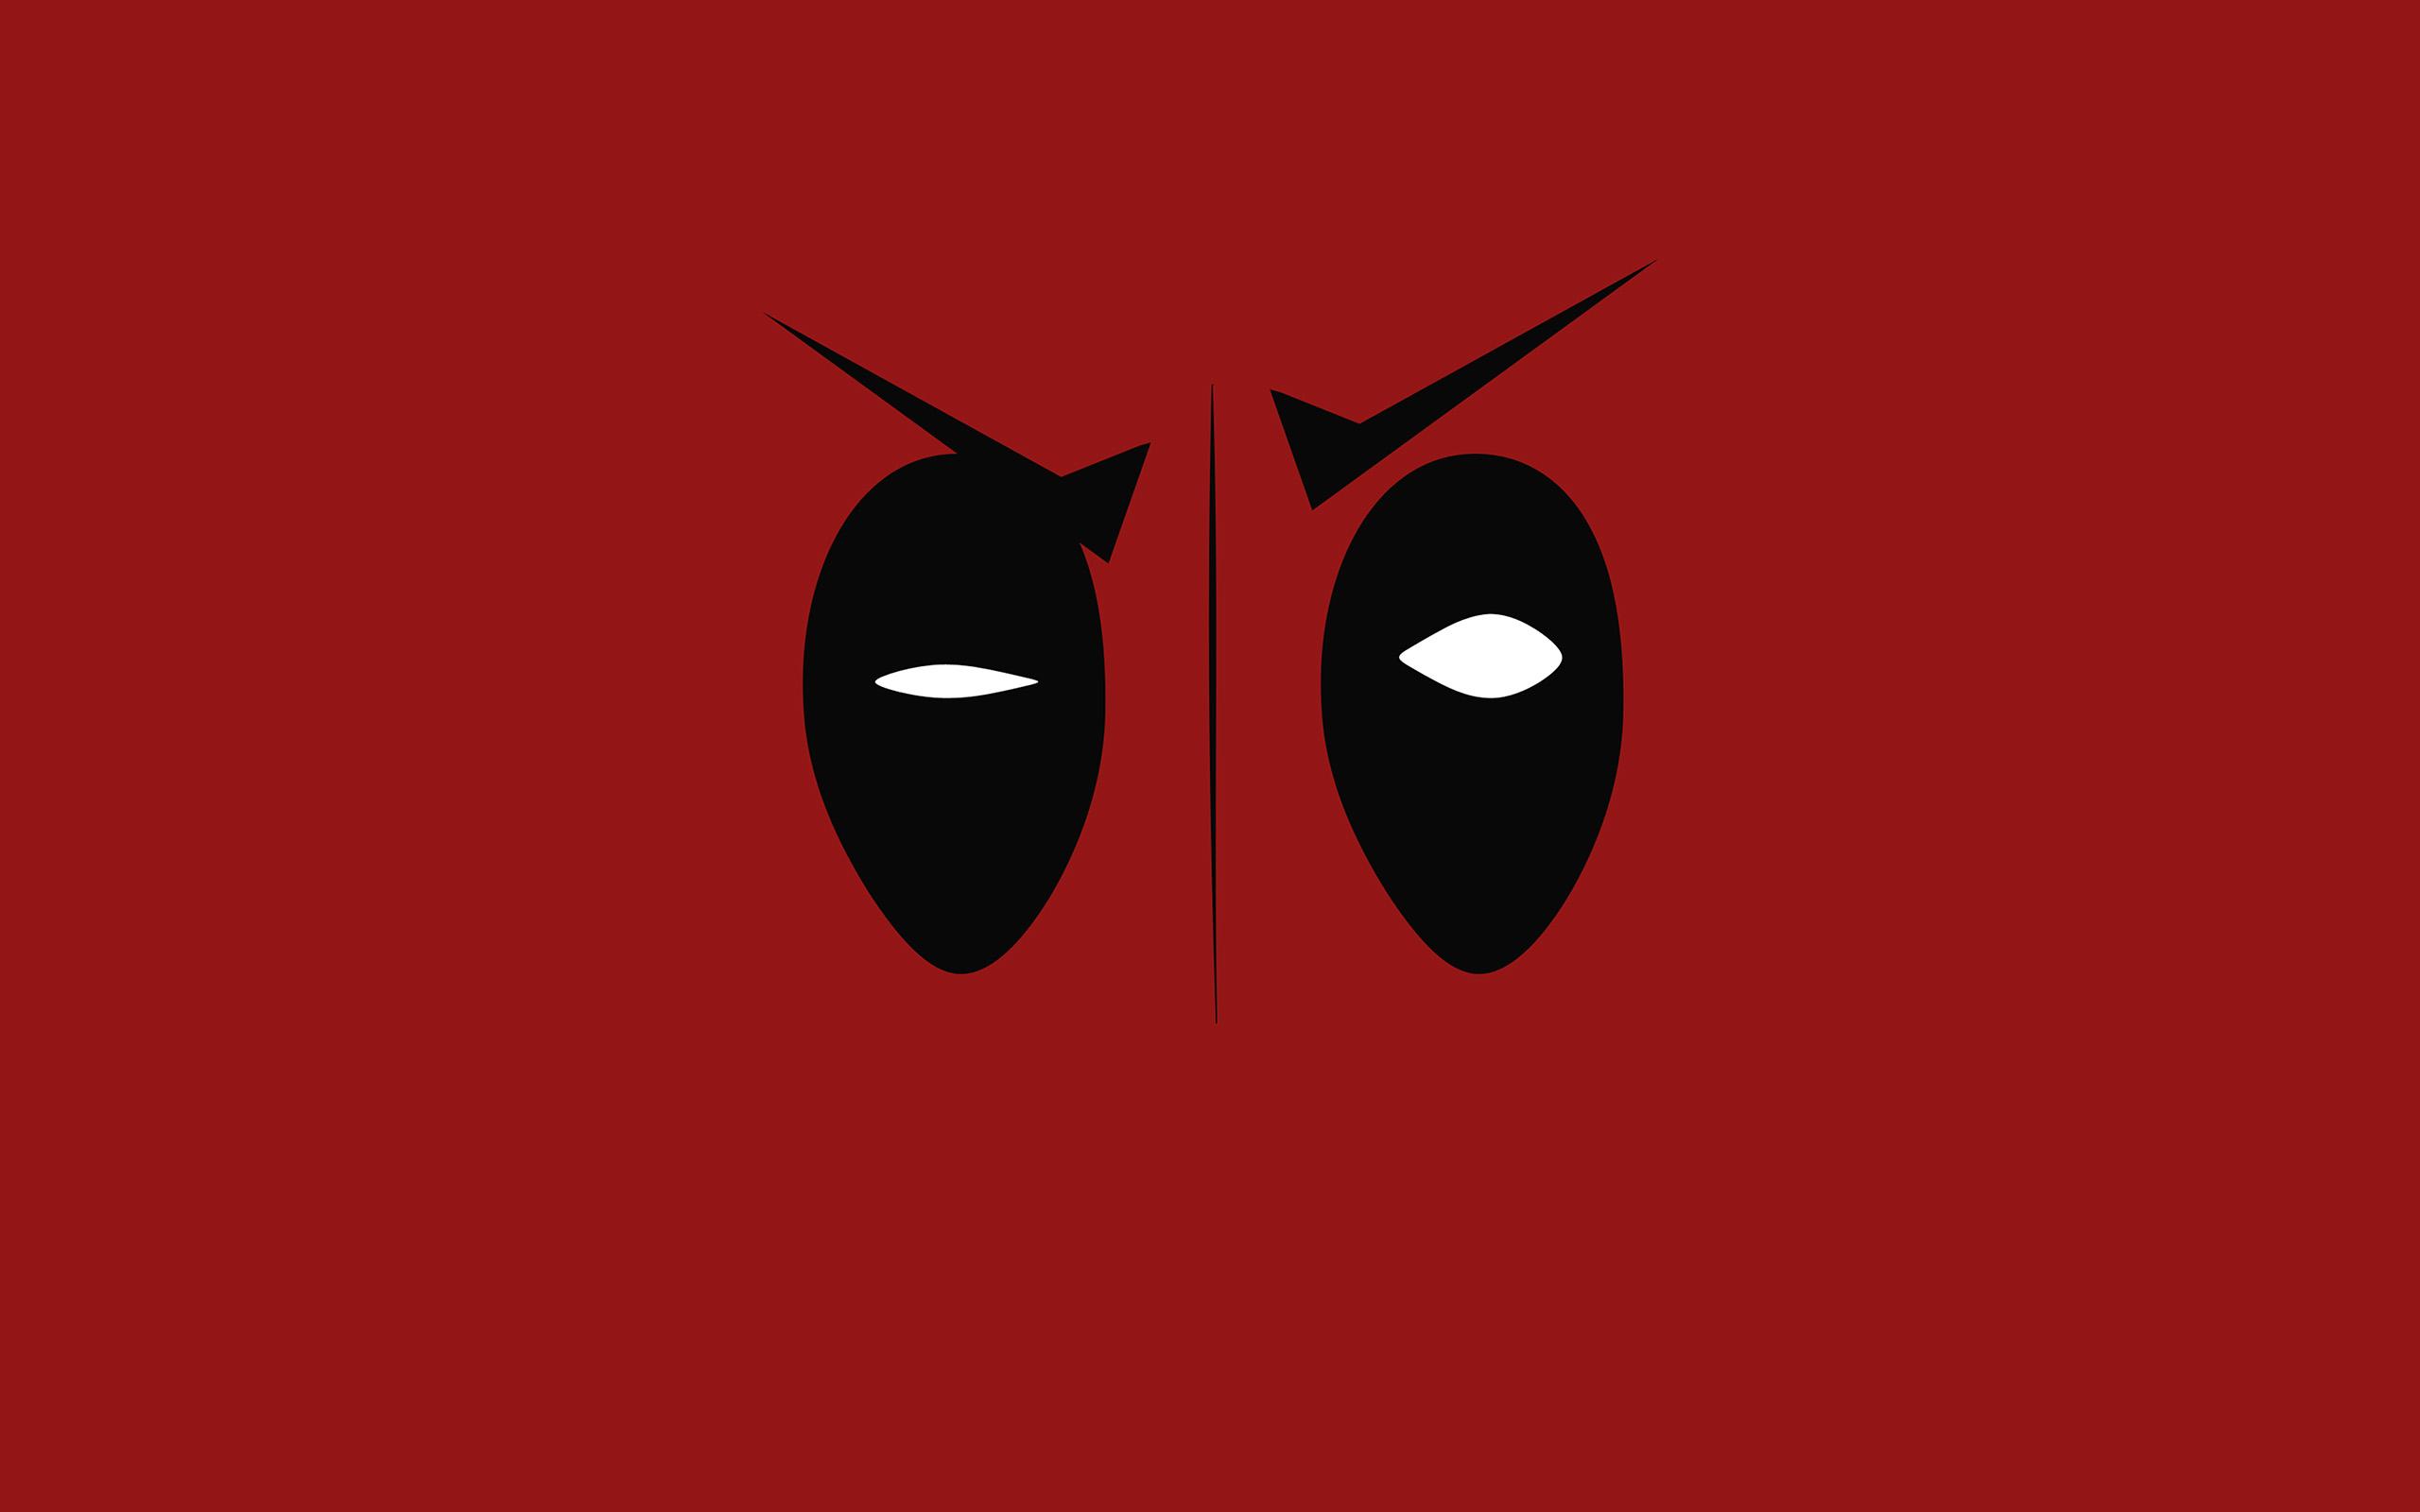 ap59-deadpool-hero-eye-logo-art-film-wallpaper